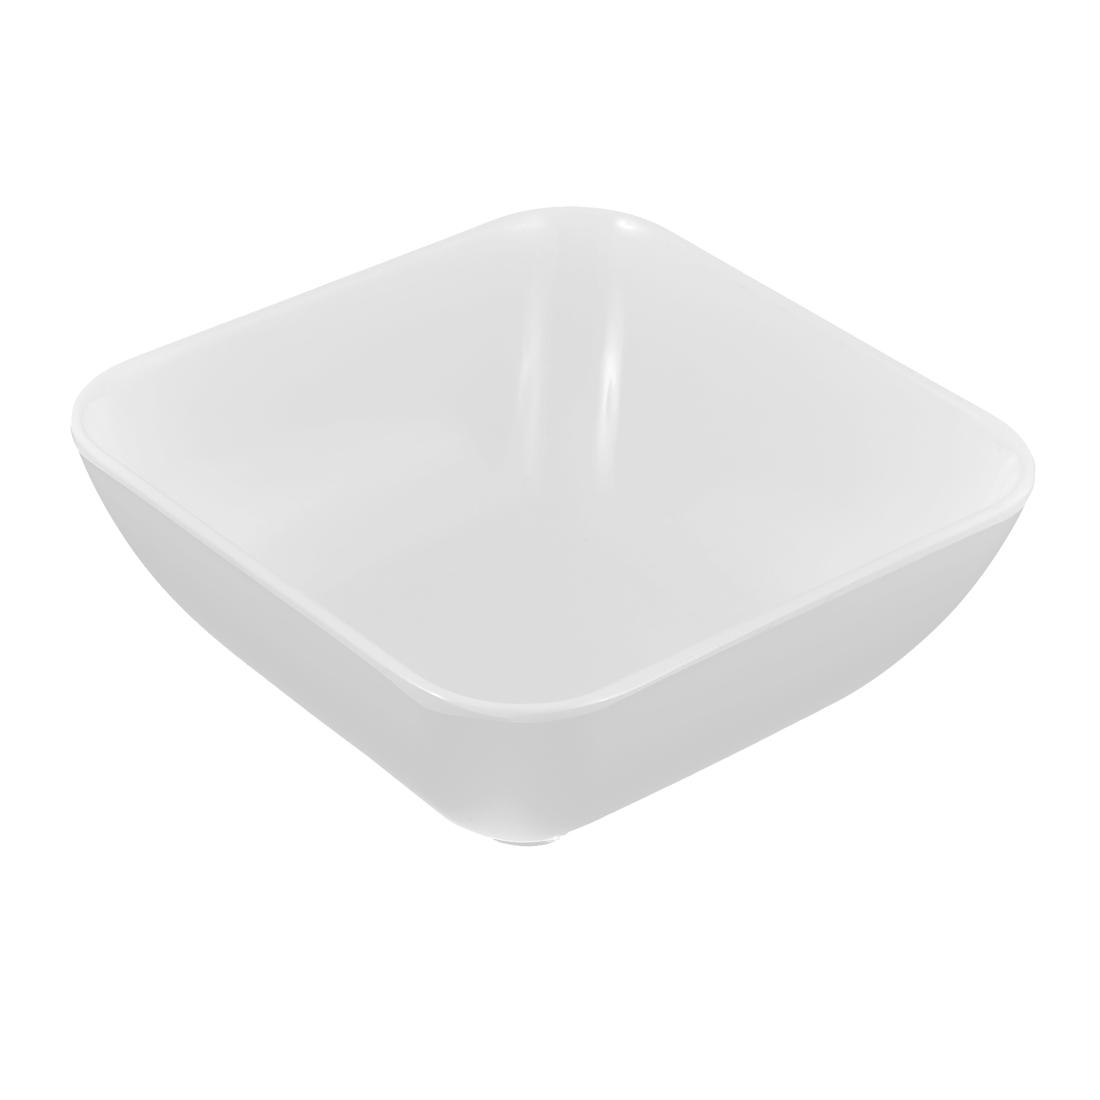 Tableware Square Design Food Porridge Congee Rice Bowl Container Holder White